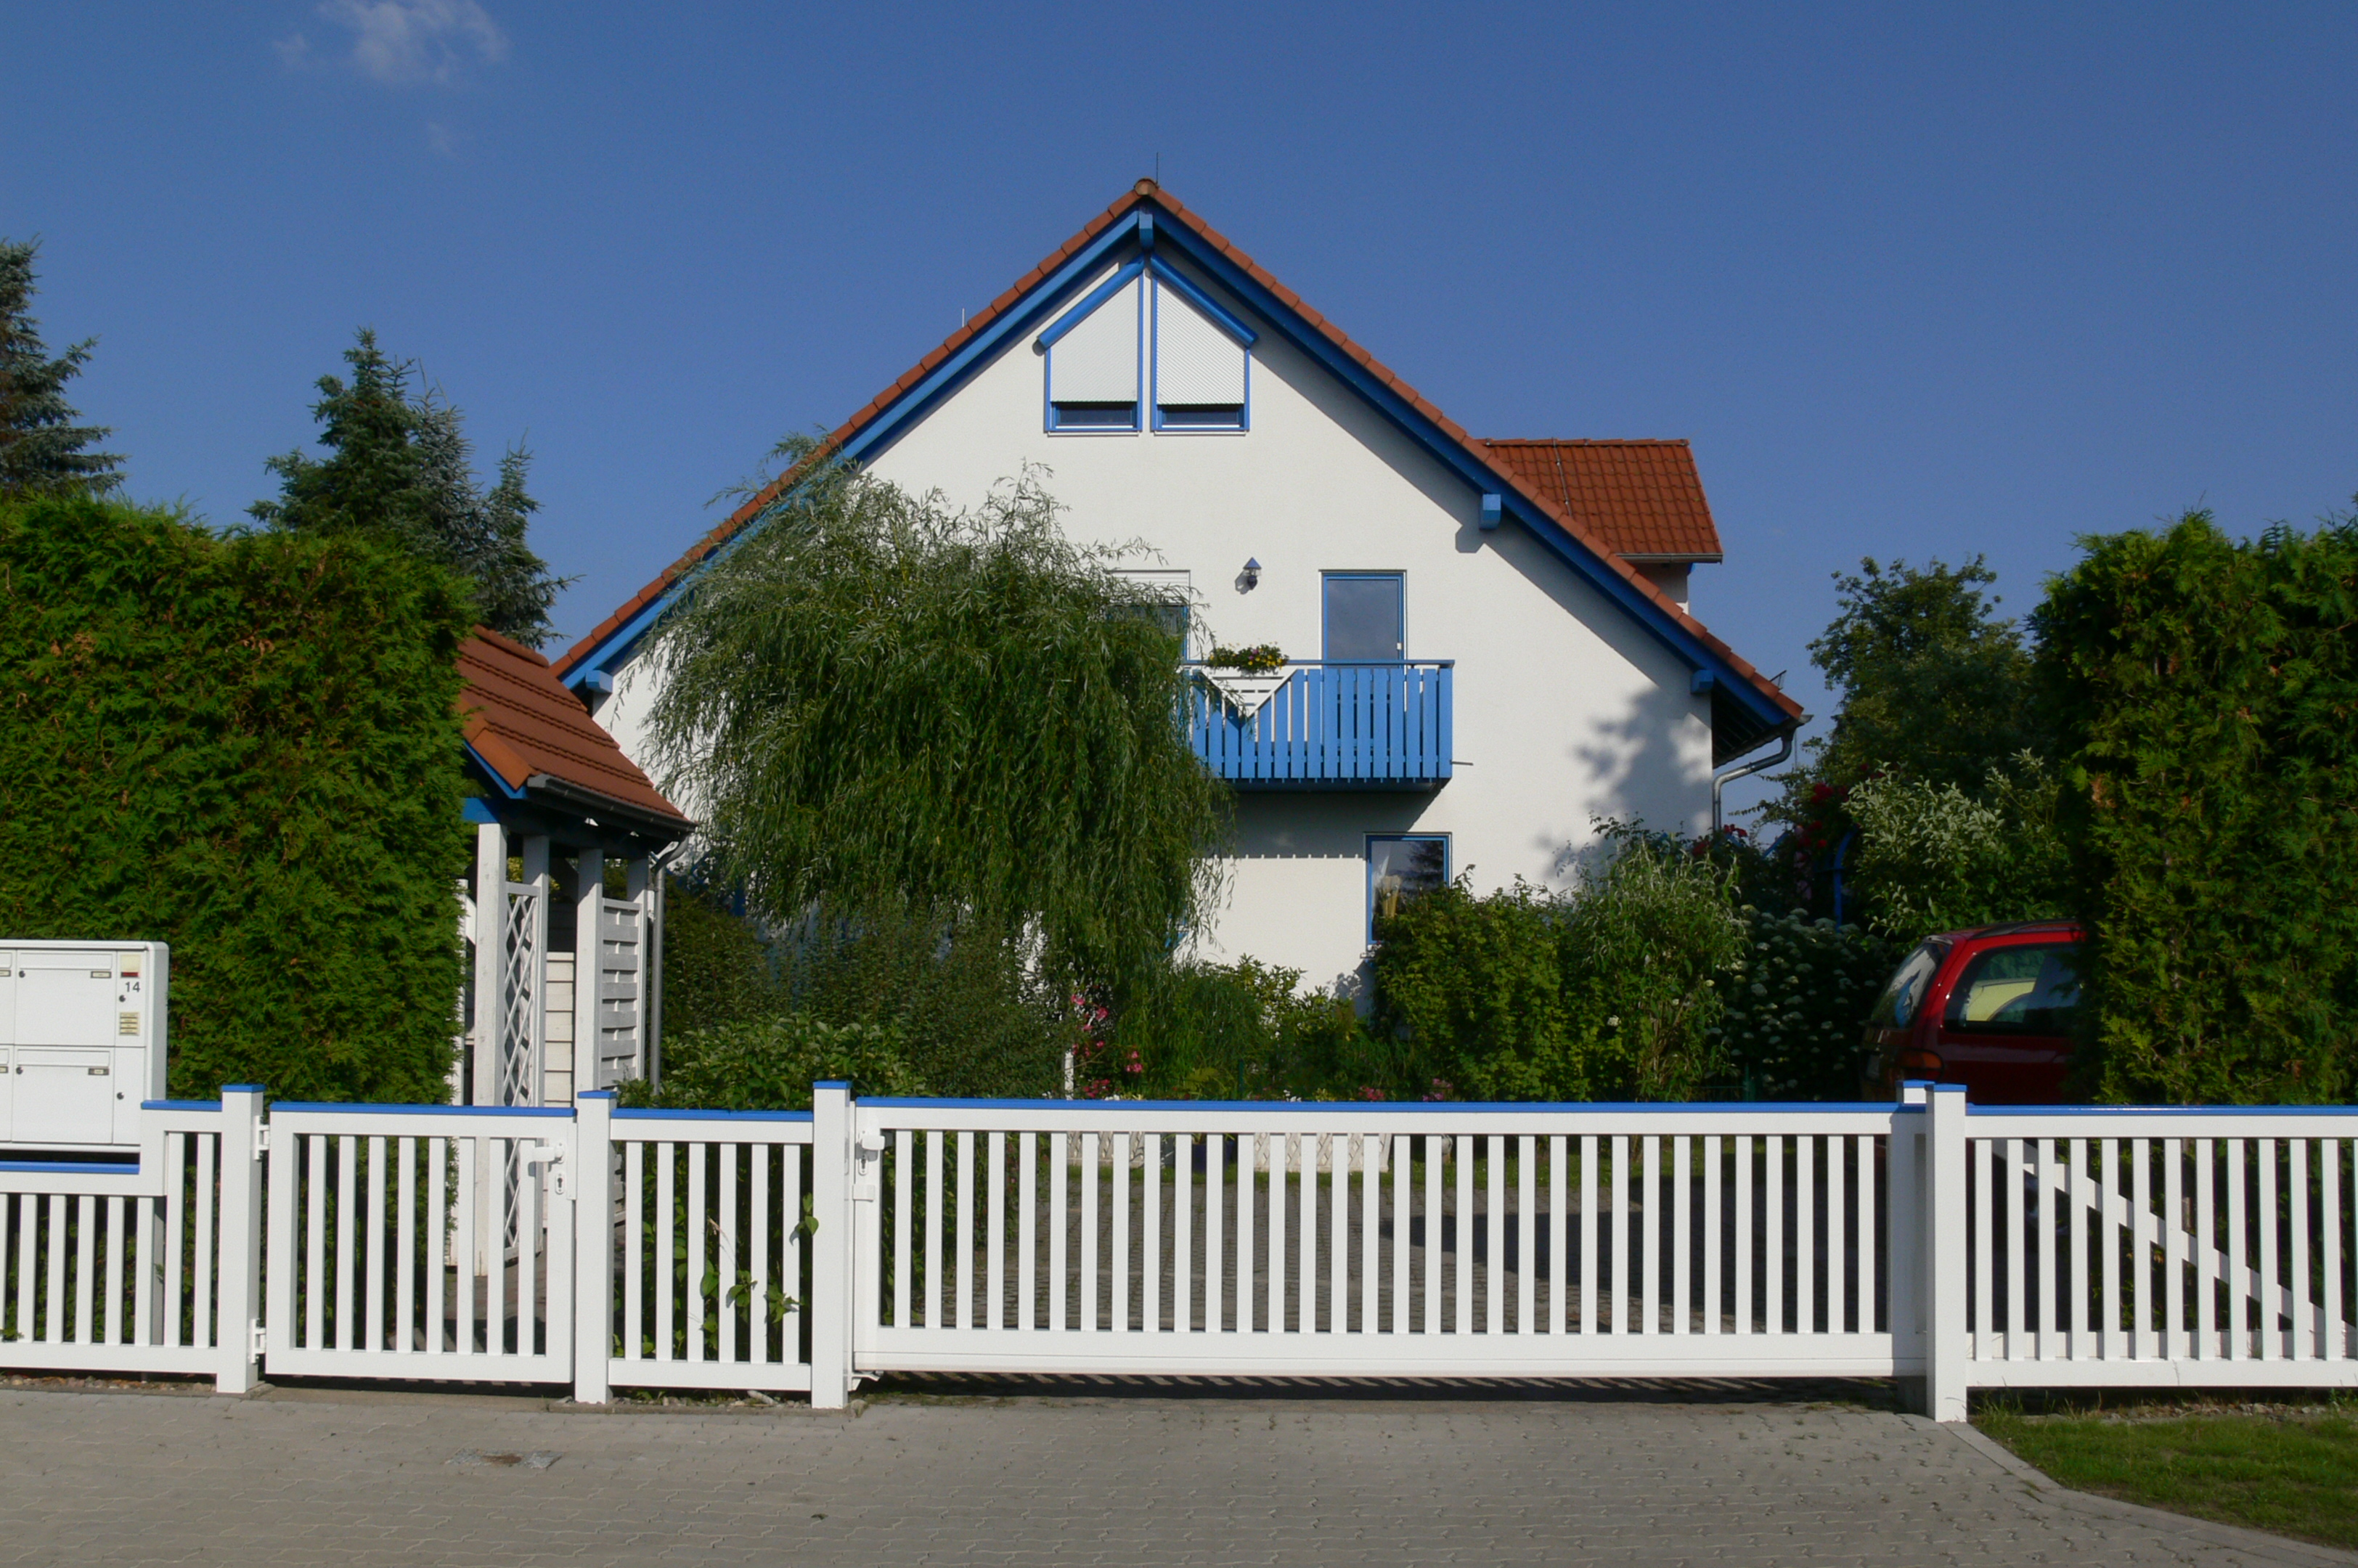 Blick auf das Wohnhaus in Neu-Lindenberg